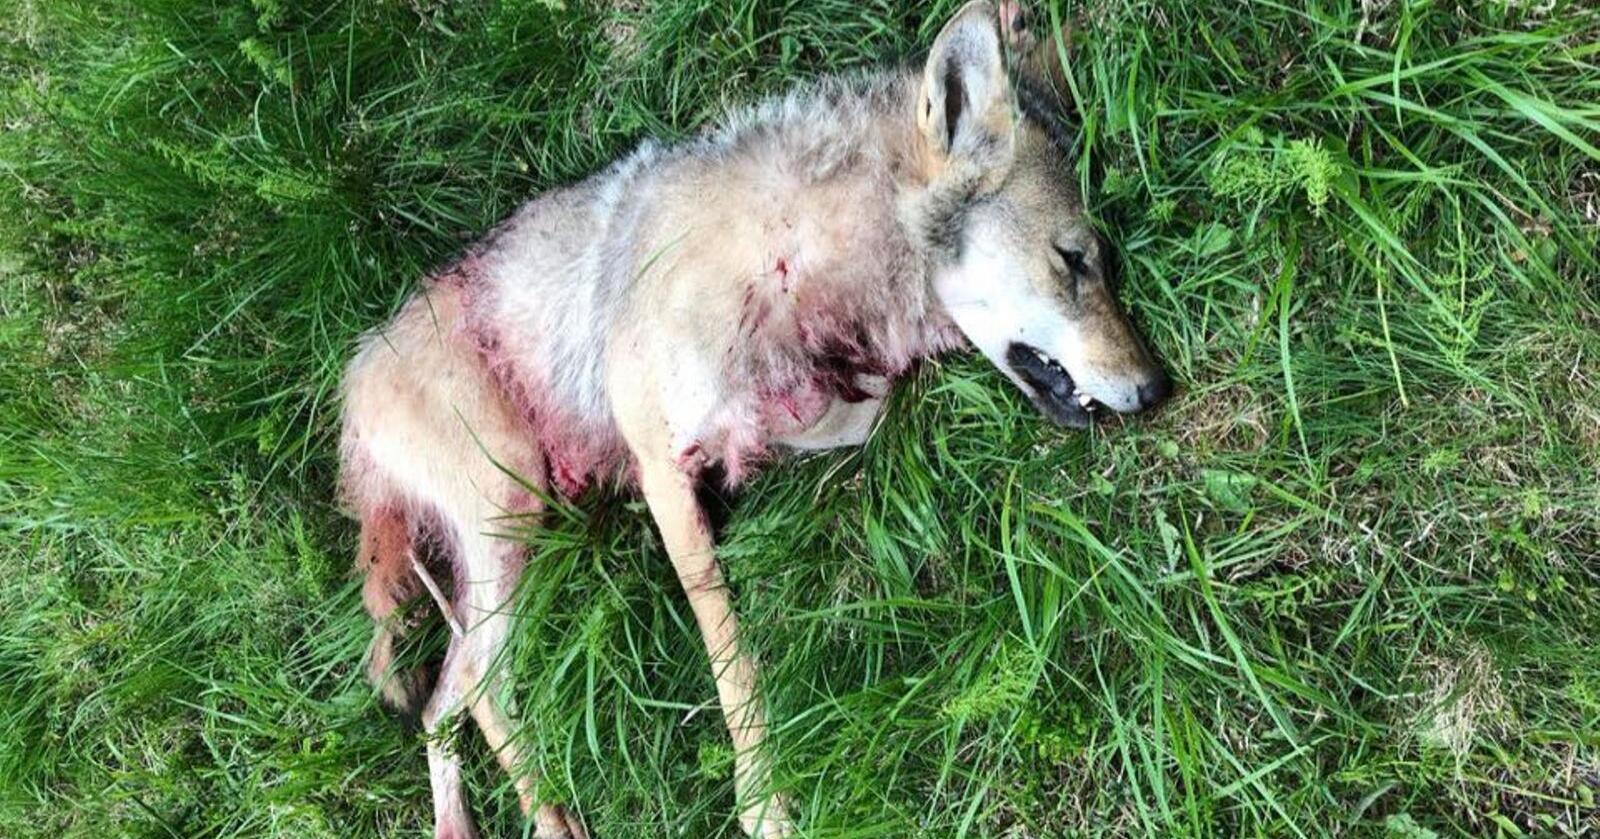 Denne hannulven blei skoten i Løten fredag kveld. Foto: Løten skadefellingslag